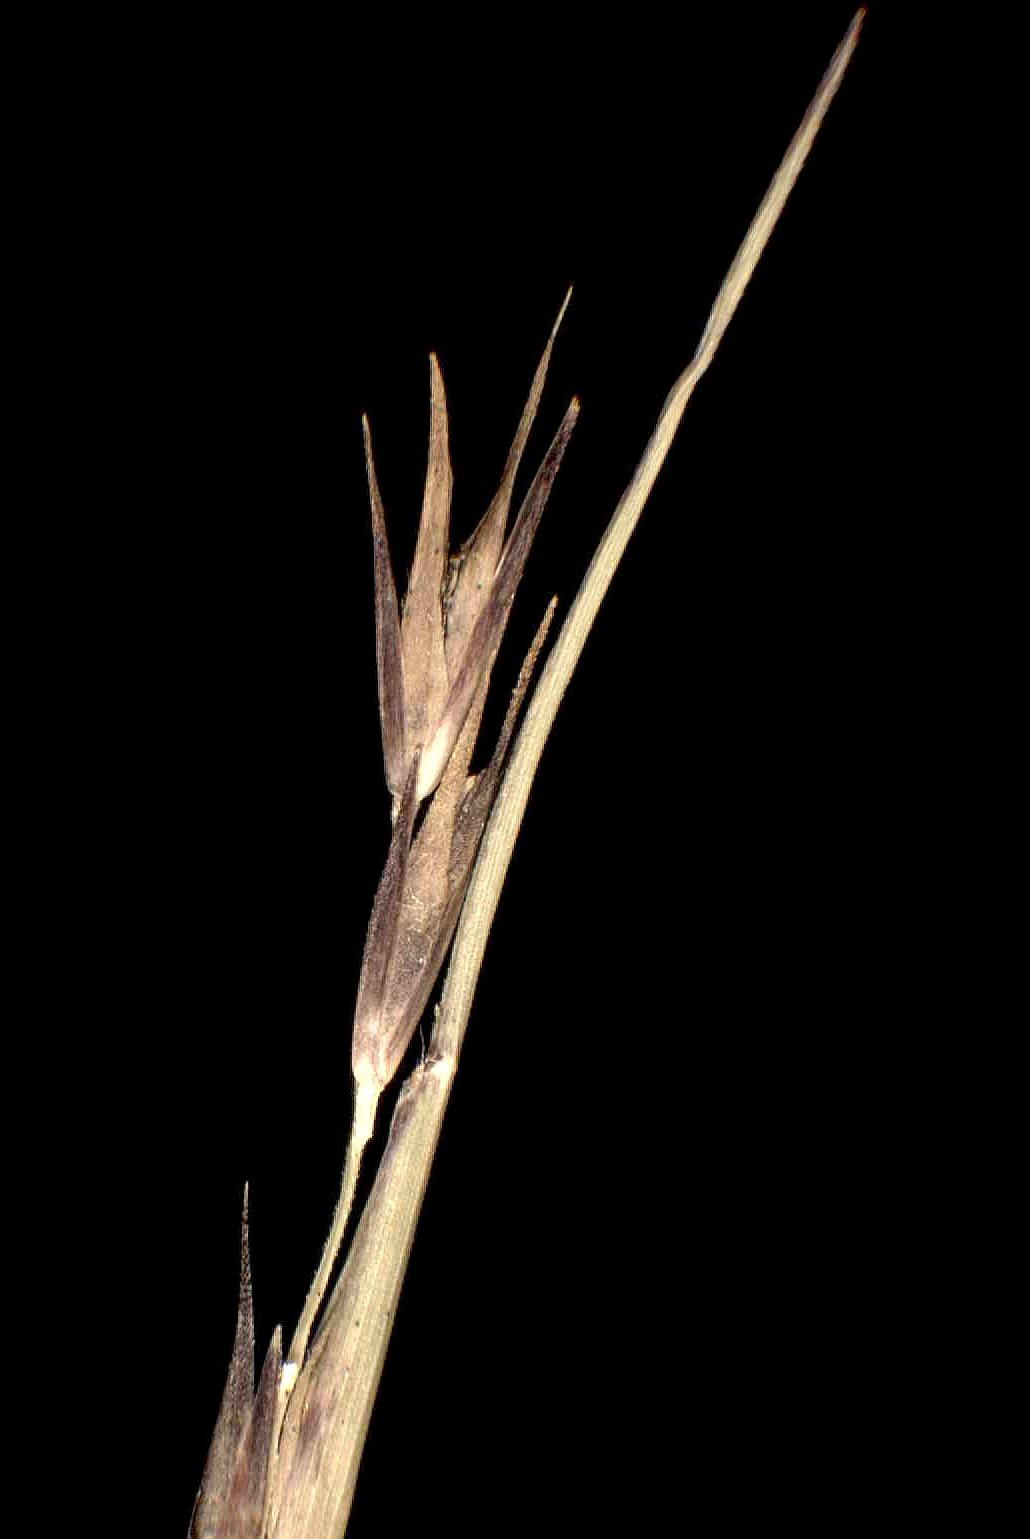 © Dipartimento di Scienze della Vita, Università degli Studi di Trieste<br>by Andrea Moro<br>Comune di Frassineto Po, luogo incolto con radi cespugli a 200 metri dalla riva del Po. , AL, Piemonte, Italia, 15/1/05 0.00.00<br>Distributed under CC-BY-SA 4.0 license.